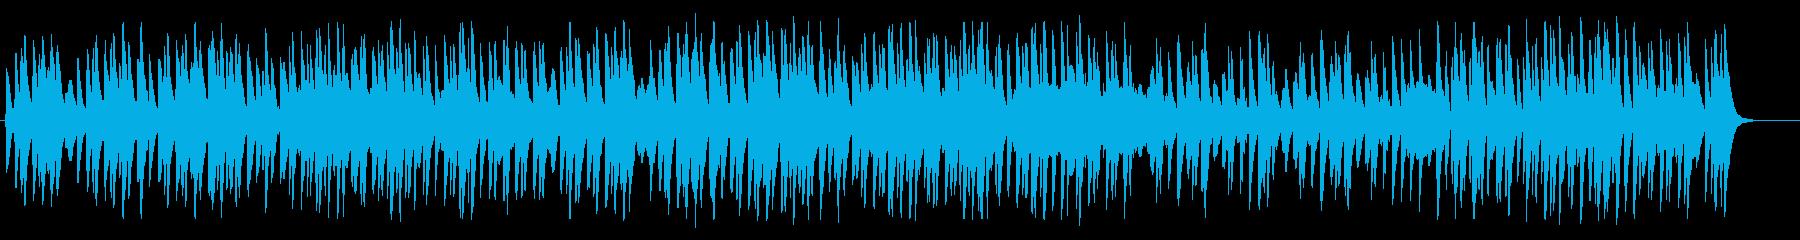 ほんわか明るい・軽快でシンプルなBGM4の再生済みの波形